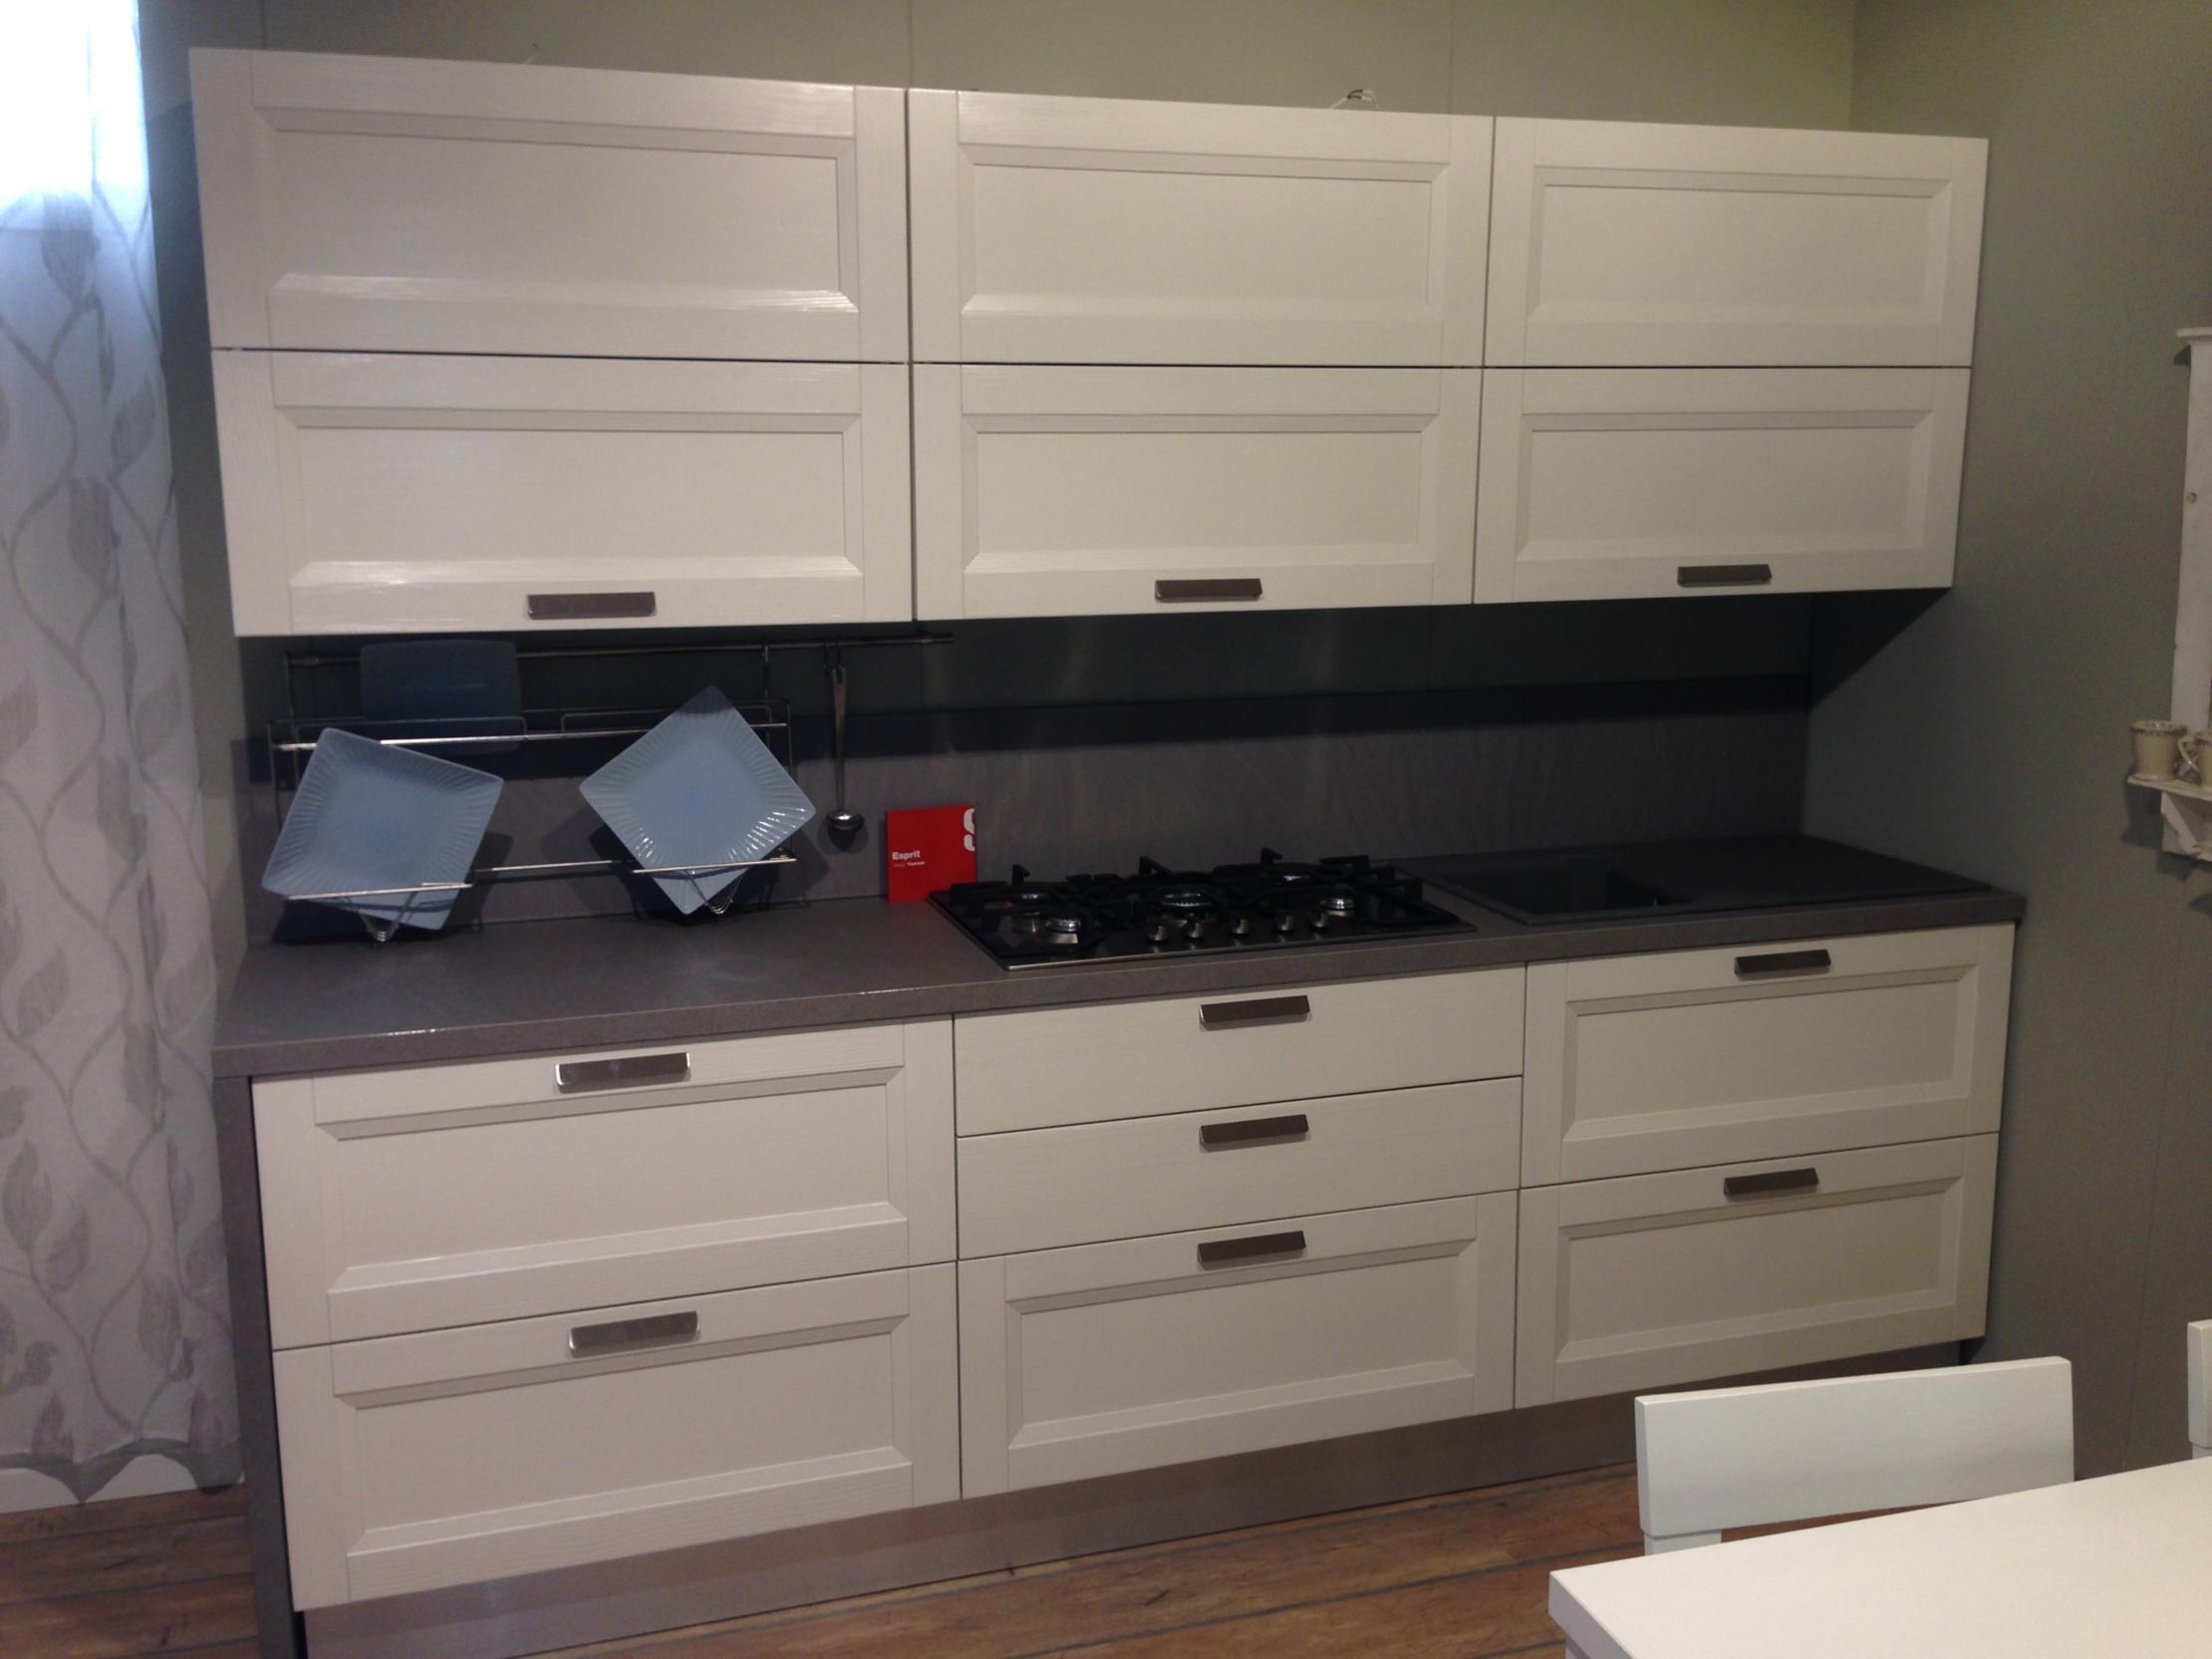 Stunning Cucina Esprit Scavolini Ideas Home Interior